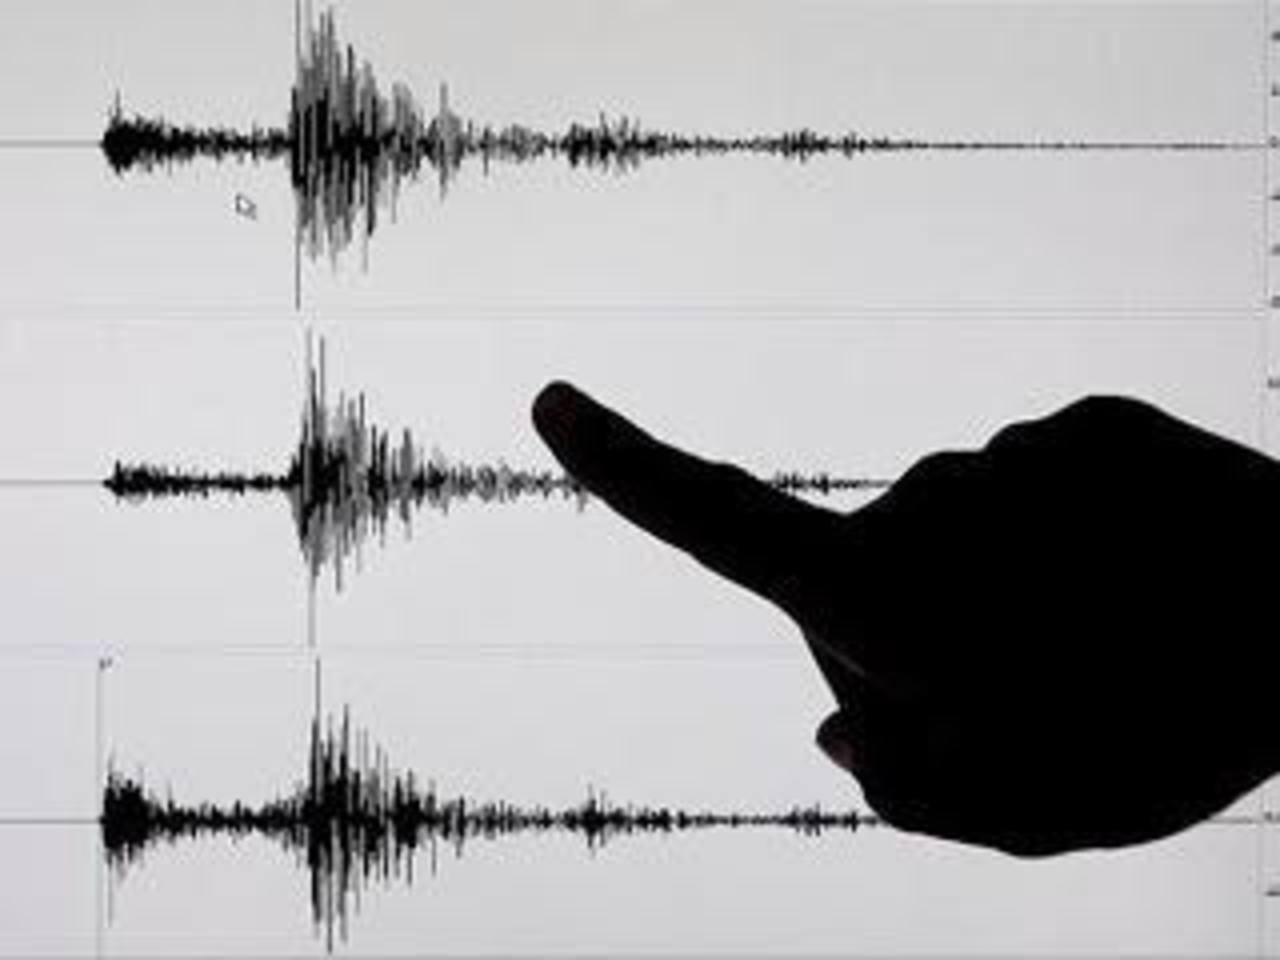 Sismo de magnitud 4,7 sacudió la capital panameña